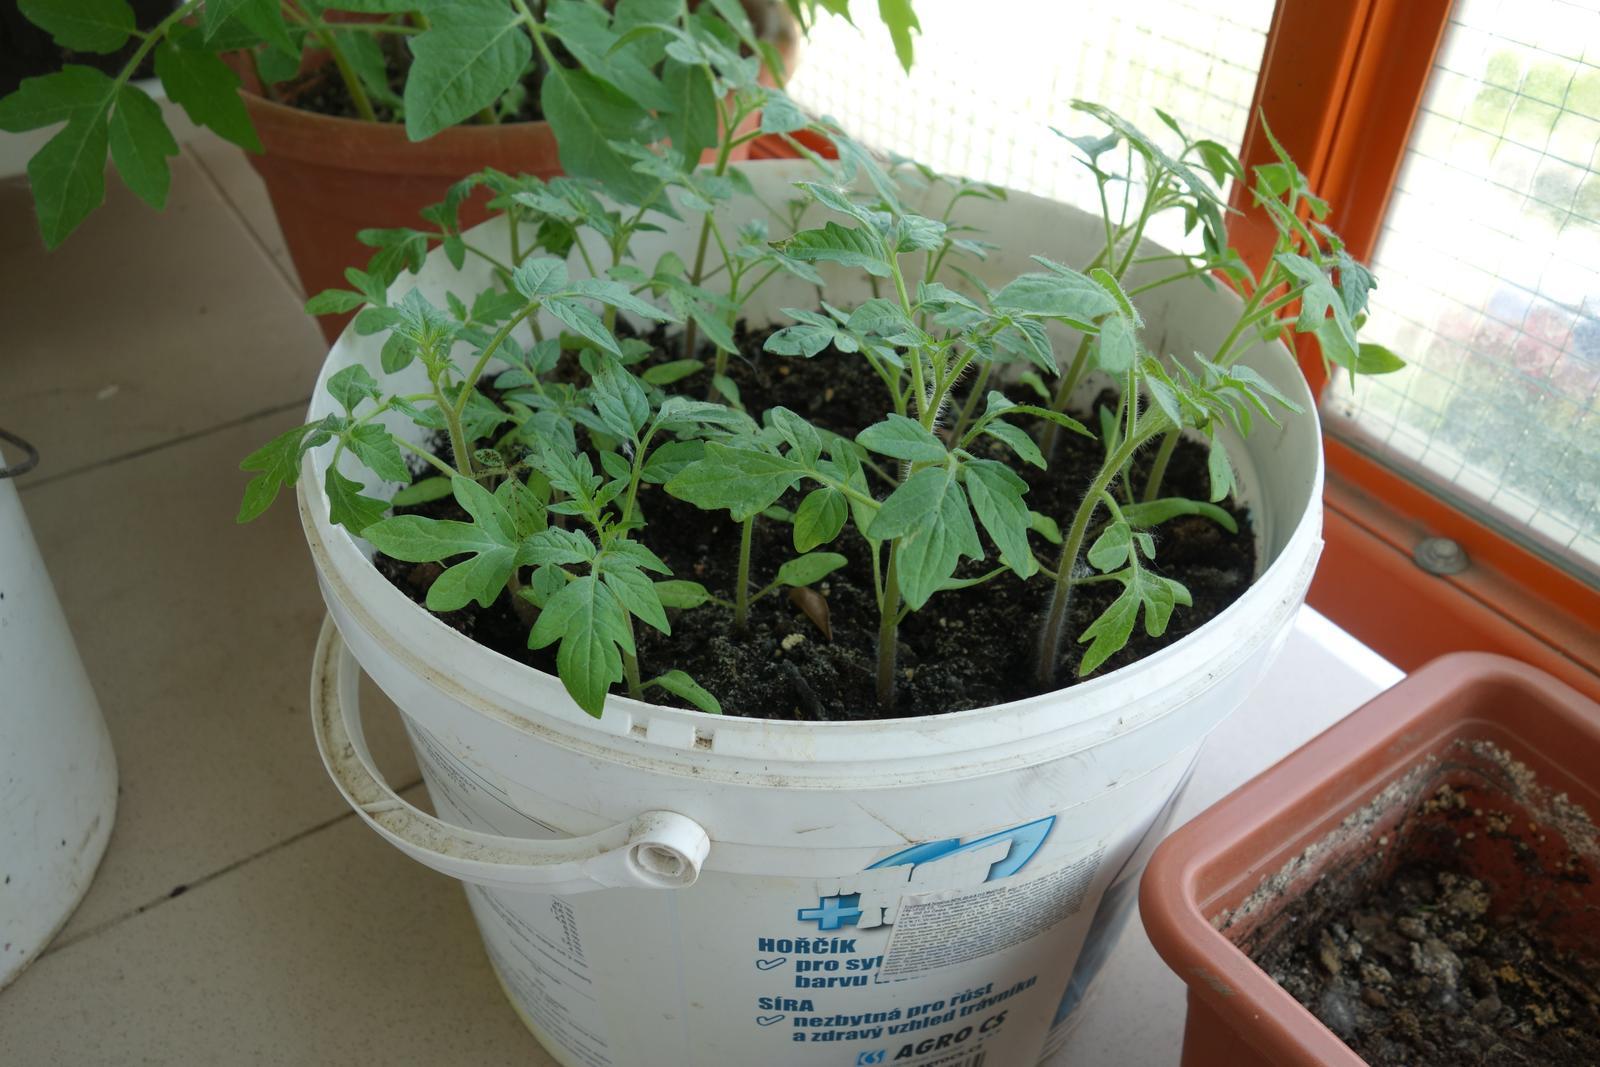 paradajka zlta, obria - Obrázok č. 1